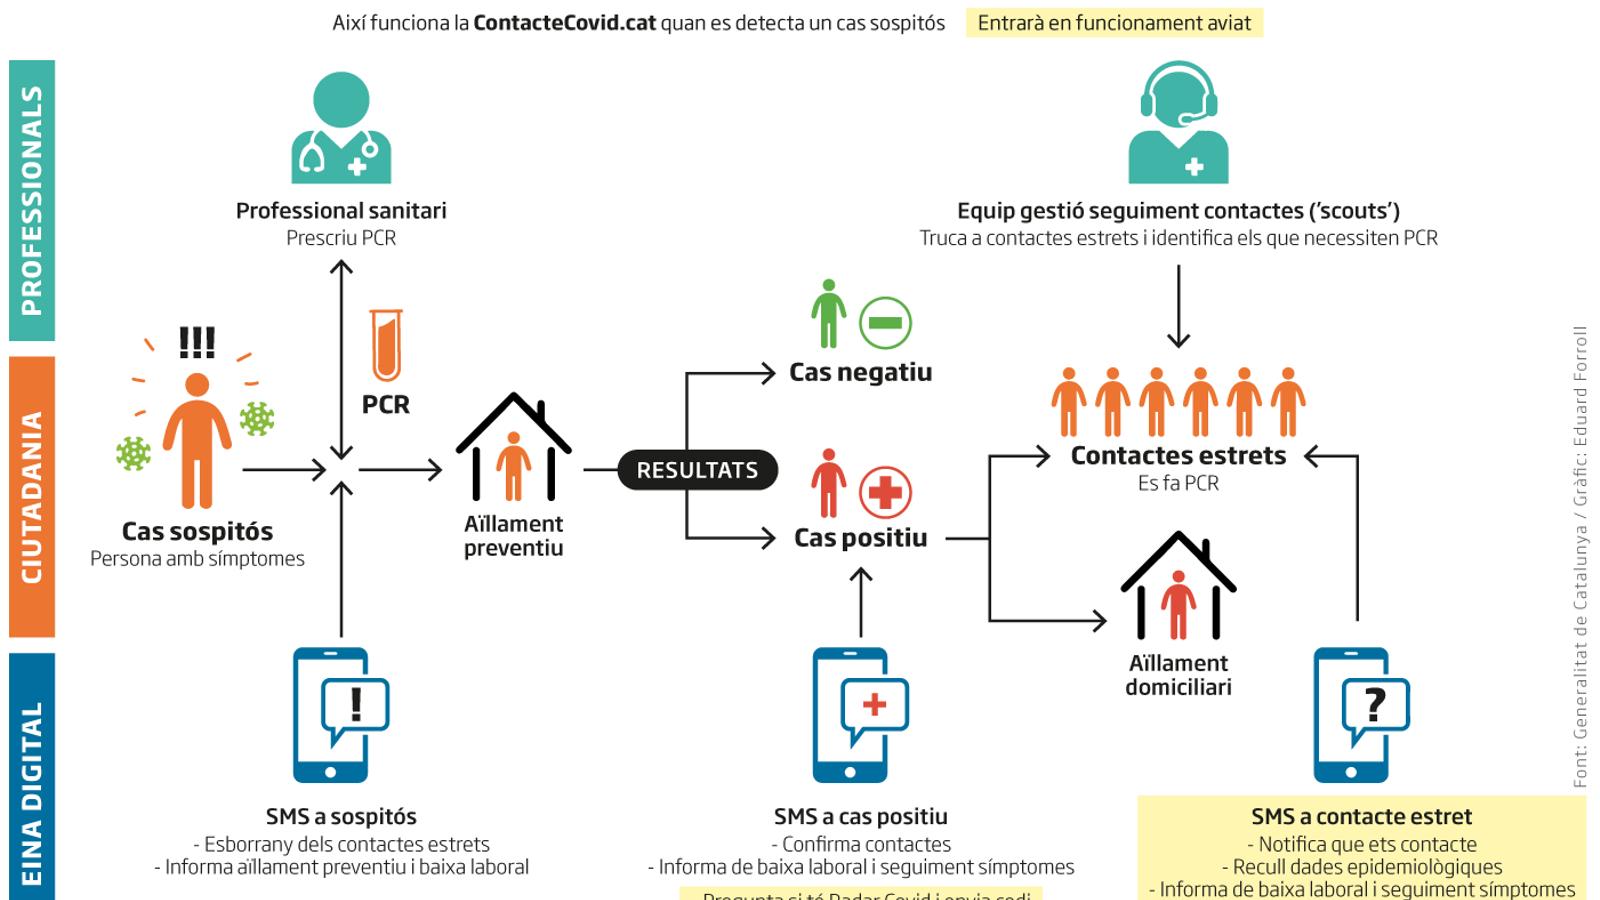 WEB-Procediment-Identificacio-Covid-Cat-Oct